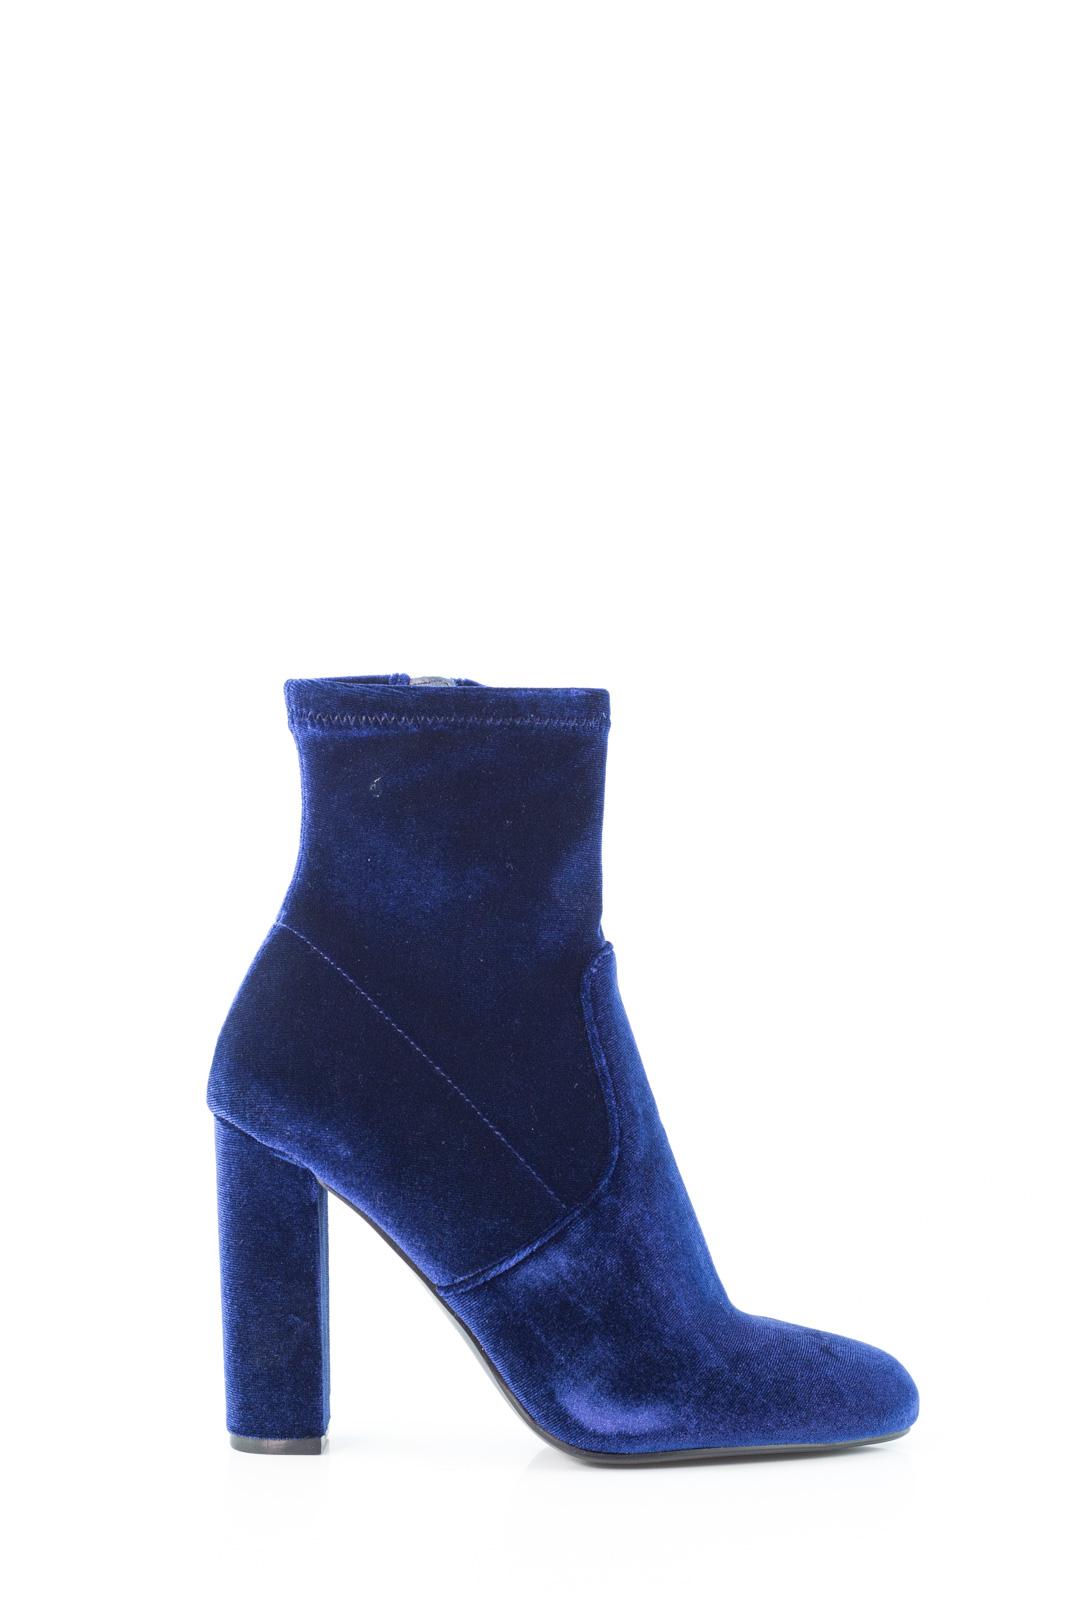 f7429bf7792 Steve Madden Editt Navy Velvet Ankle Boots - Calibro Shop